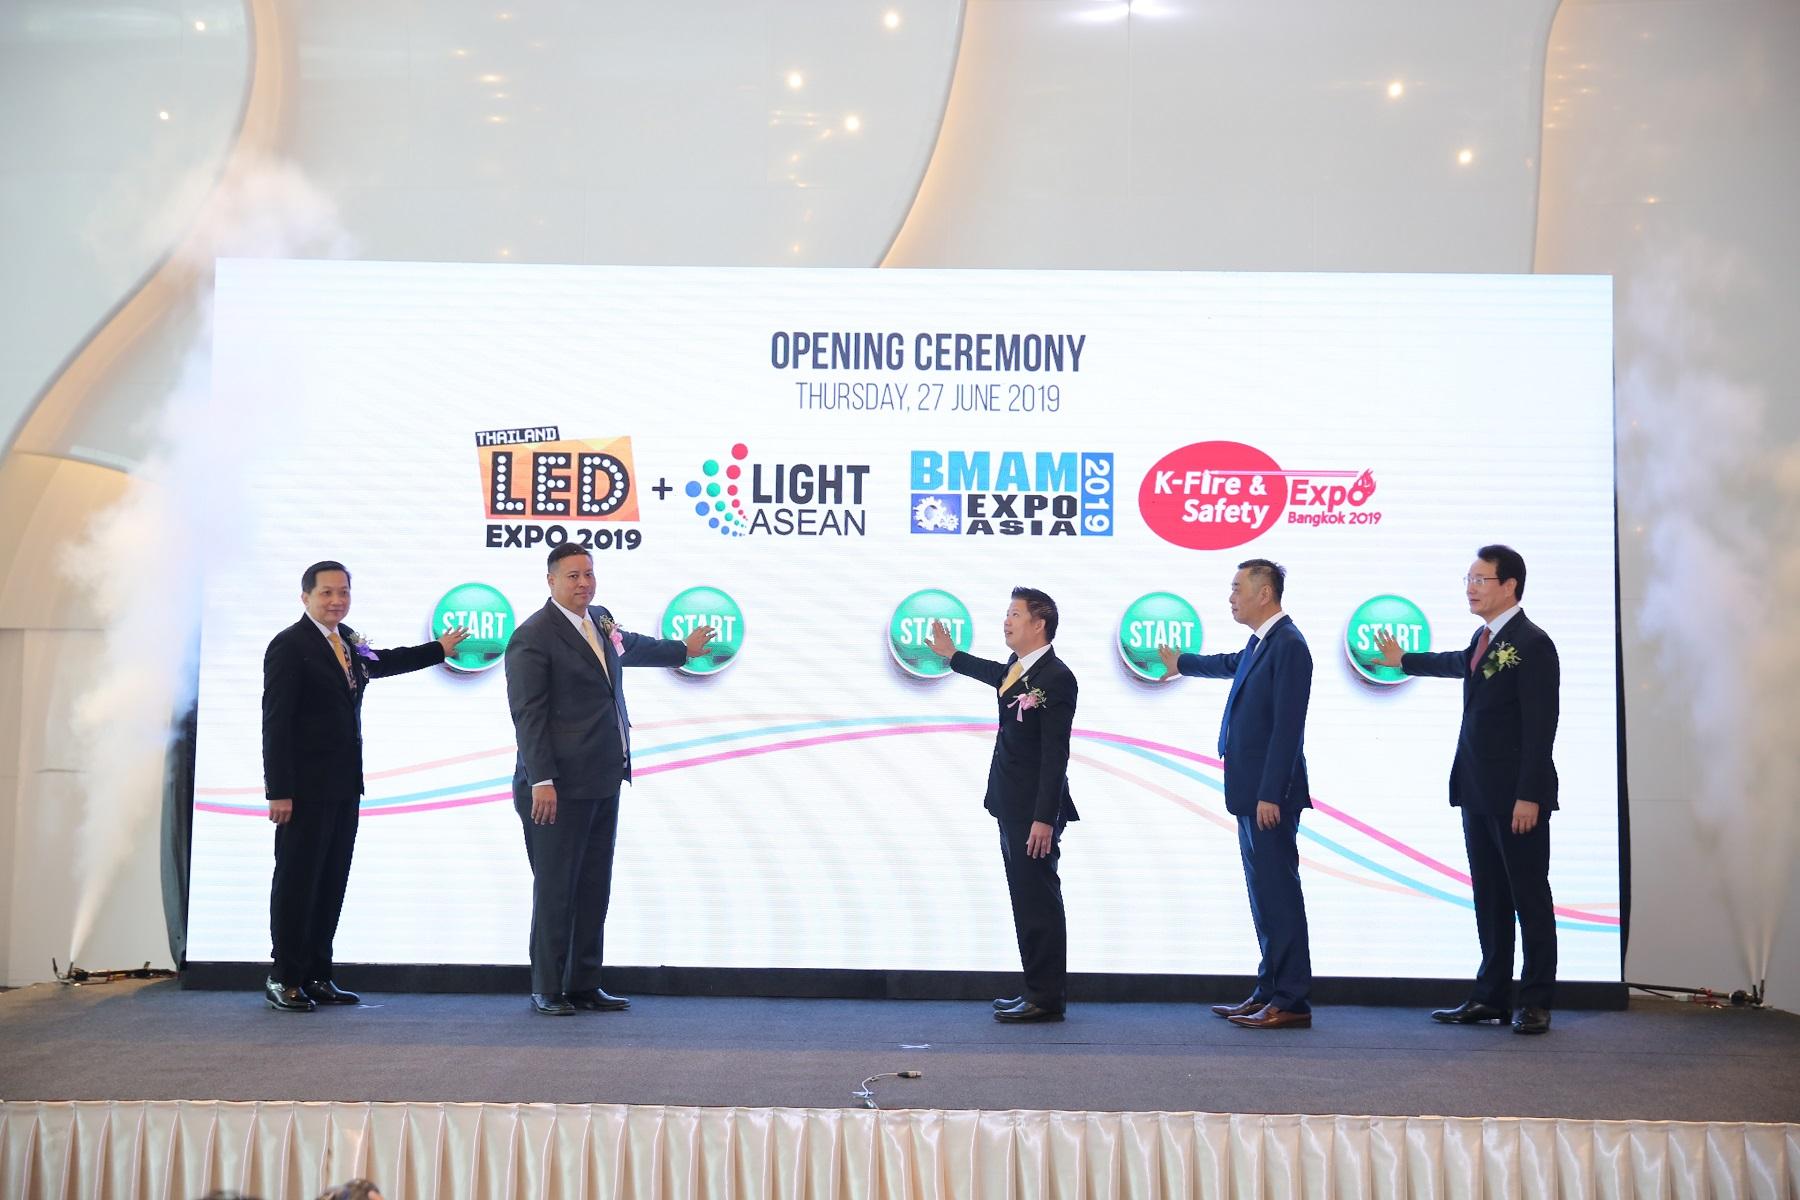 ผสานนวัตกรรมอนุรักษ์พลังงาน กับ ระบบอัจฉริยะ ในงาน BMAM Expo Asia, K-Fire & Safety Expo Bangkok, และLED Expo Thailand + Light ASEAN 13 -